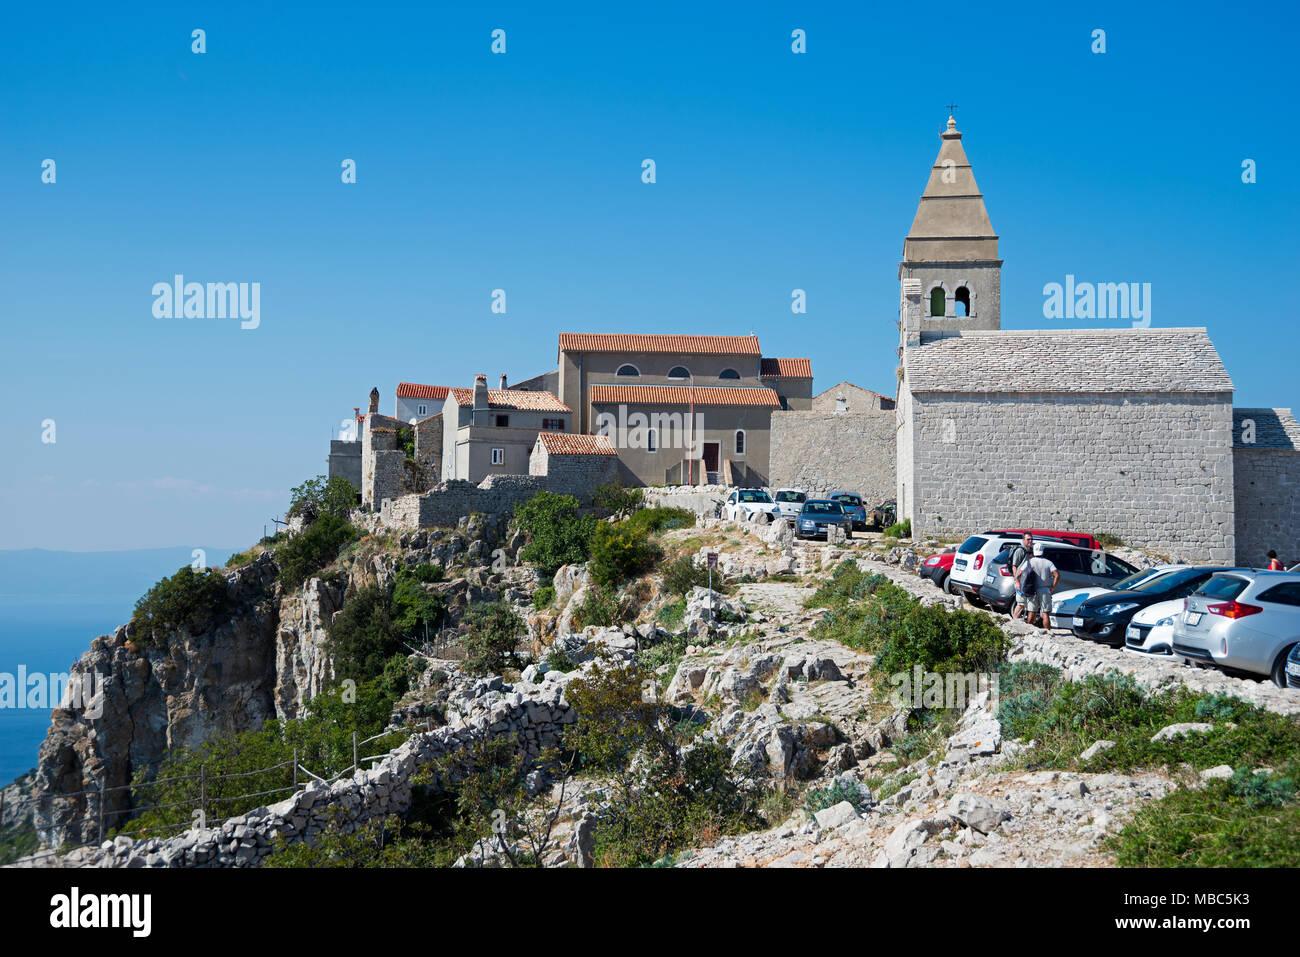 Iglesia parroquial de la santísima Virgen María, Lubenice, Isla de Cres, Golfo de Kvarner Bay, Croacia Imagen De Stock